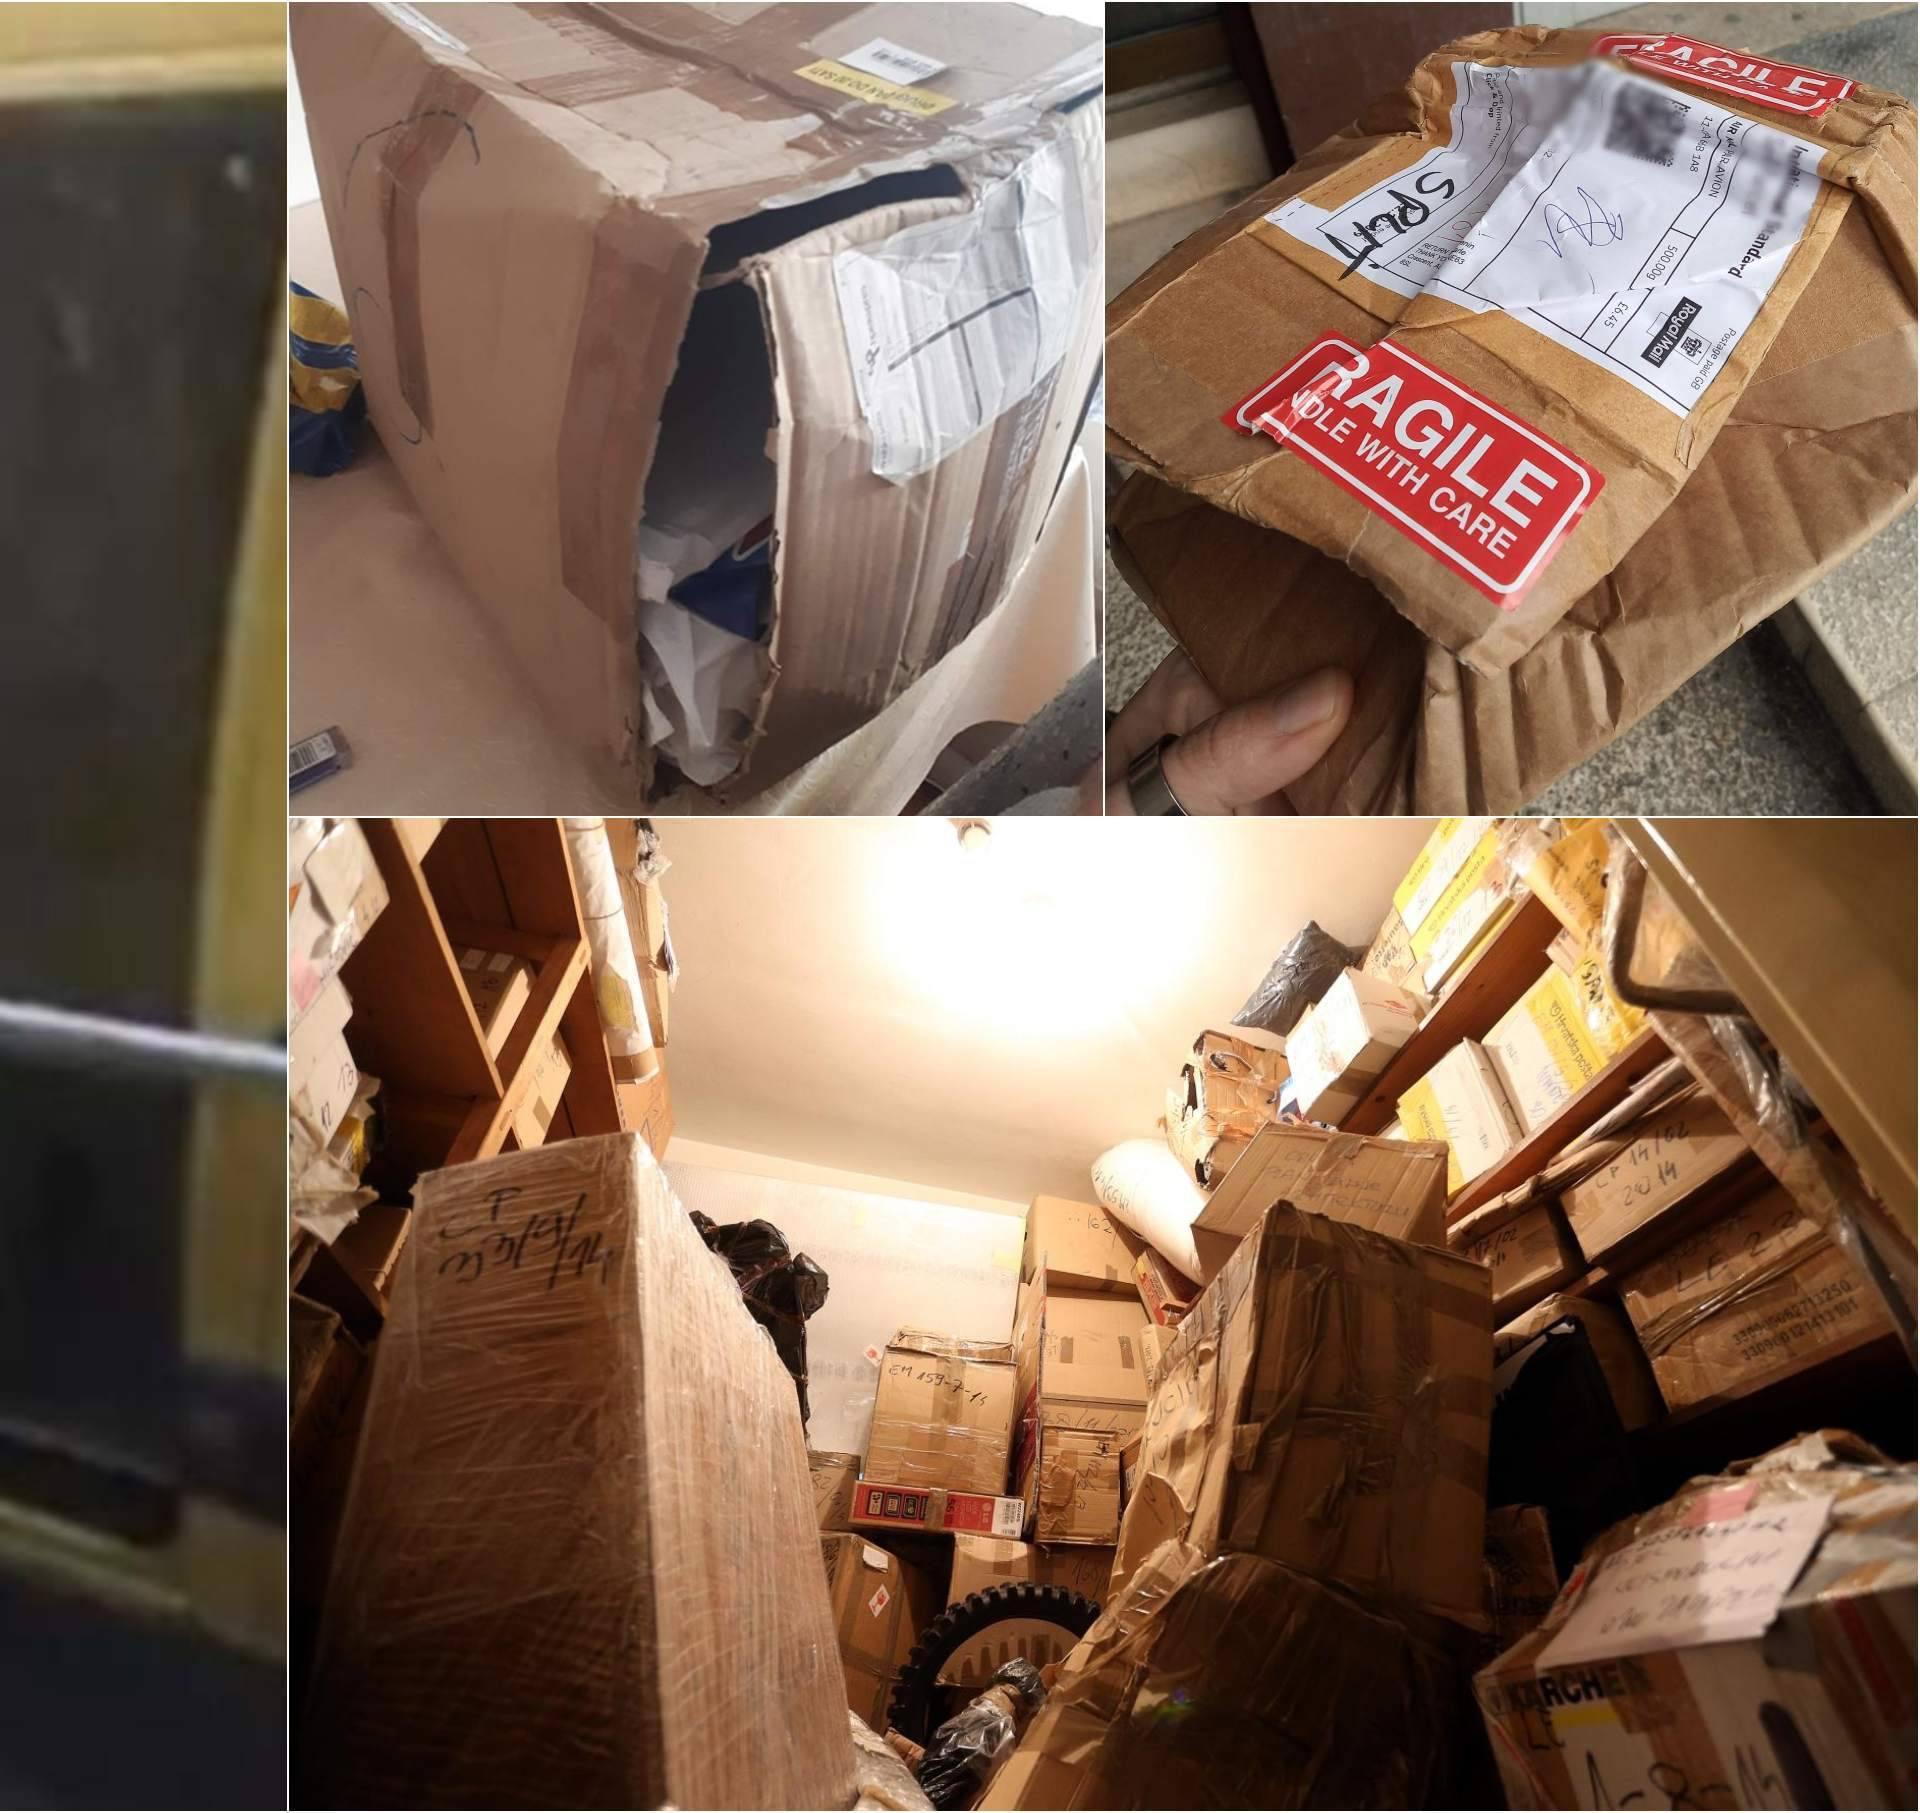 Afera 'nervozni poštar': Što napraviti kad vam oštete paket